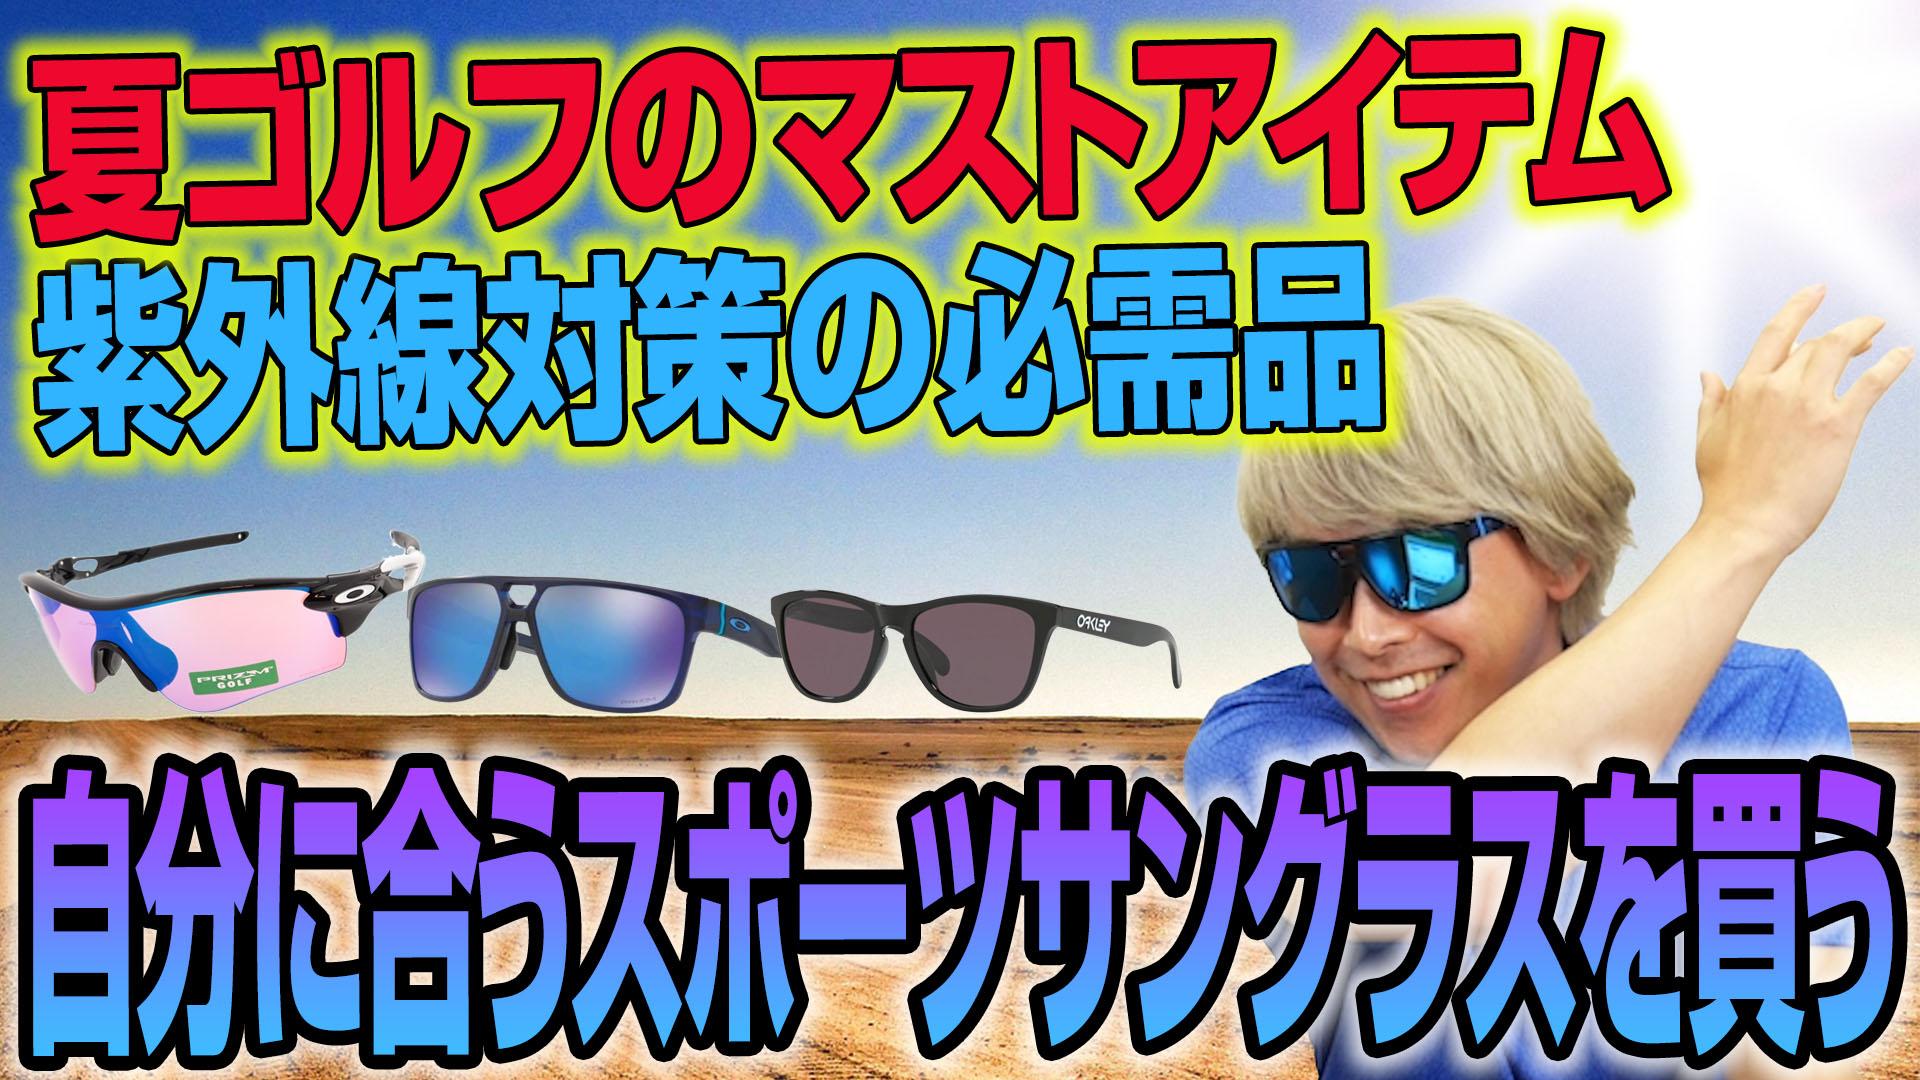 鶴原さんおすすめの「スポーツサングラス」を探してみた